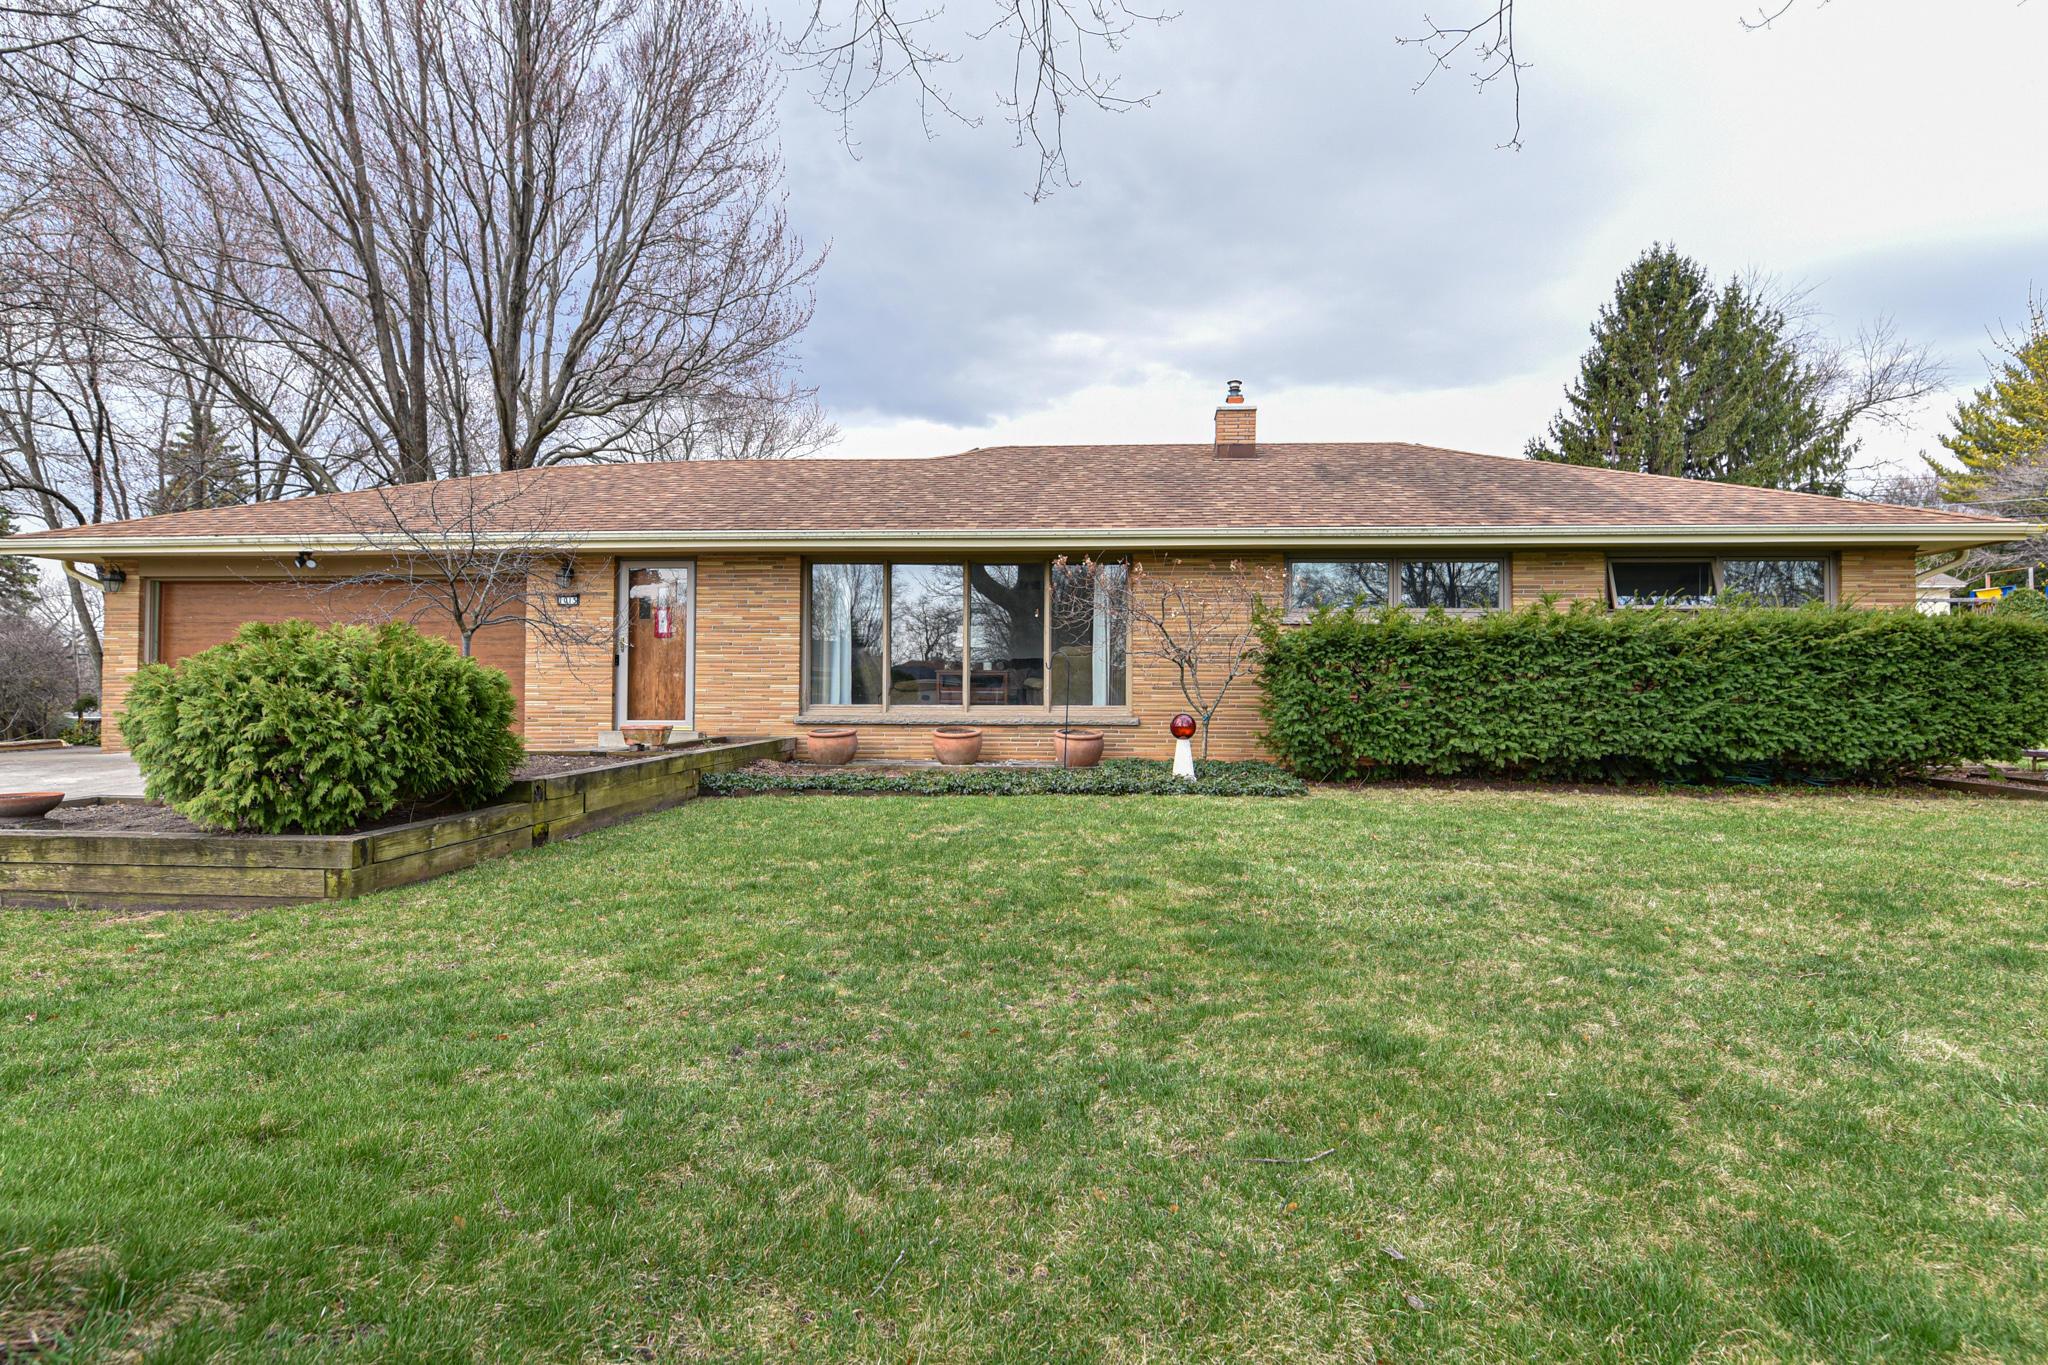 1015 Westbrooke Pkwy, Brookfield, Wisconsin 53186, 3 Bedrooms Bedrooms, 6 Rooms Rooms,1 BathroomBathrooms,Single-Family,For Sale,Westbrooke Pkwy,1733815